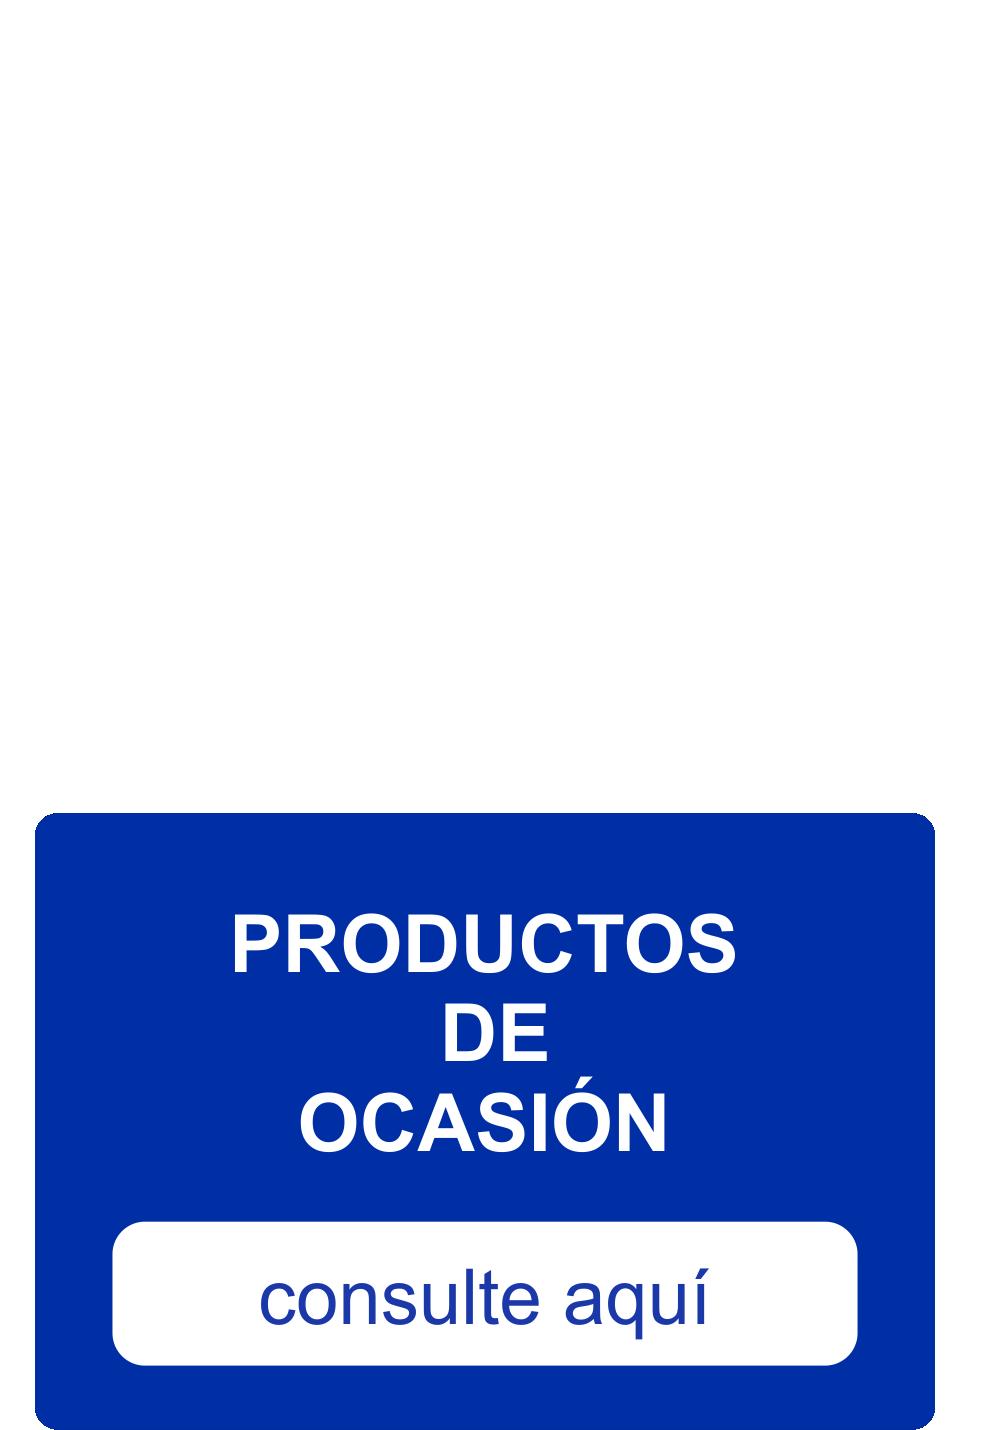 PRODUCTOS DE OCASIÓN